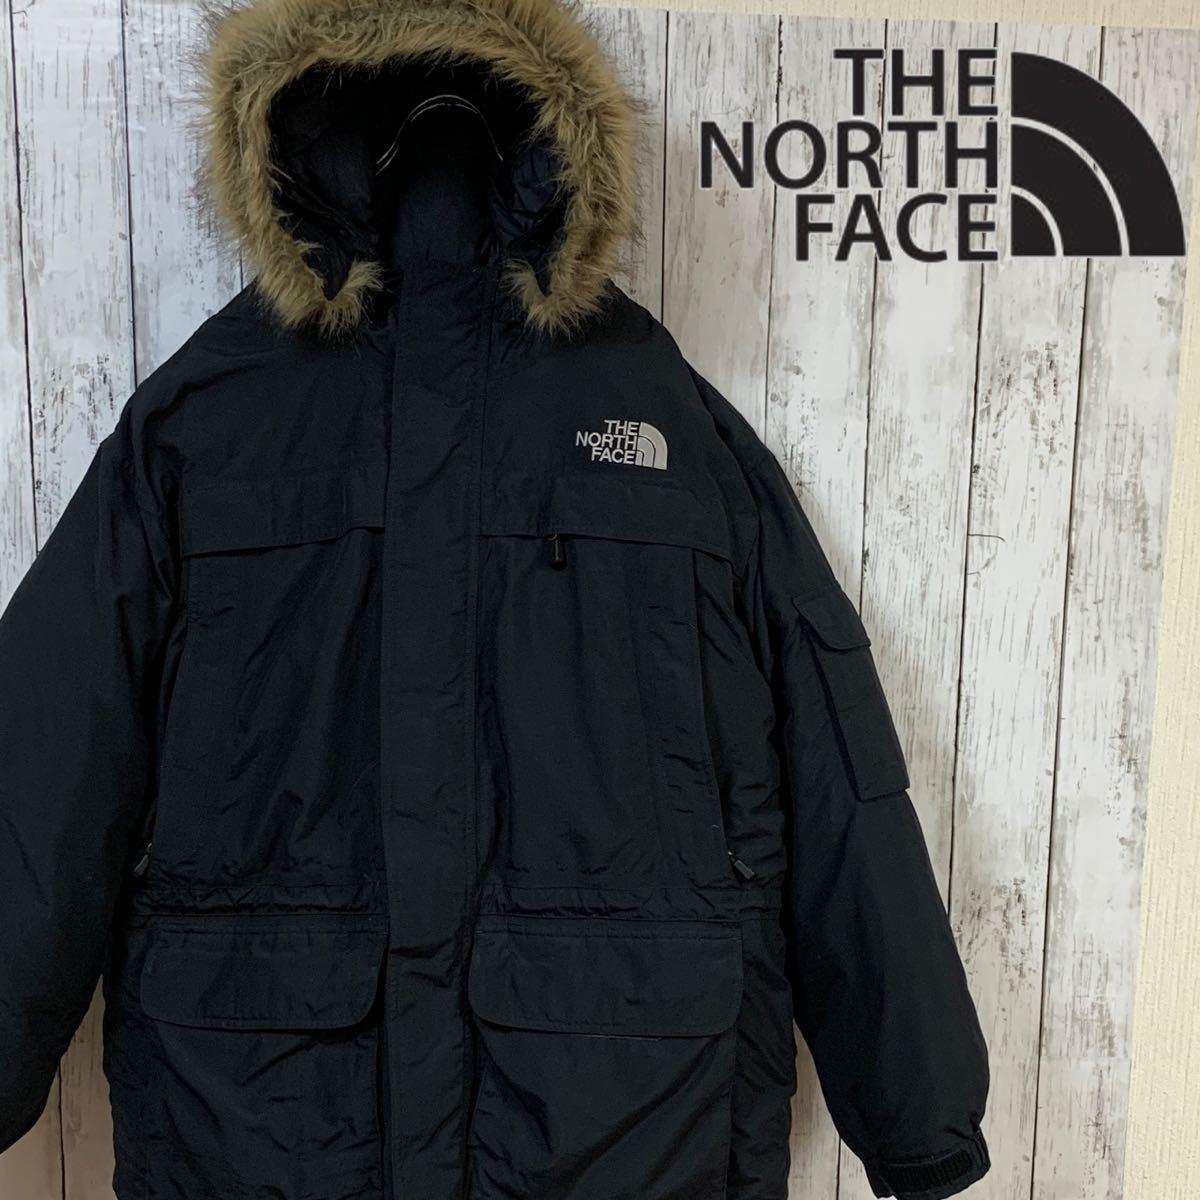 THE NORTH FACE ノースフェイス マクマードパーカ Lサイズ 中古品 ダウンジャケット